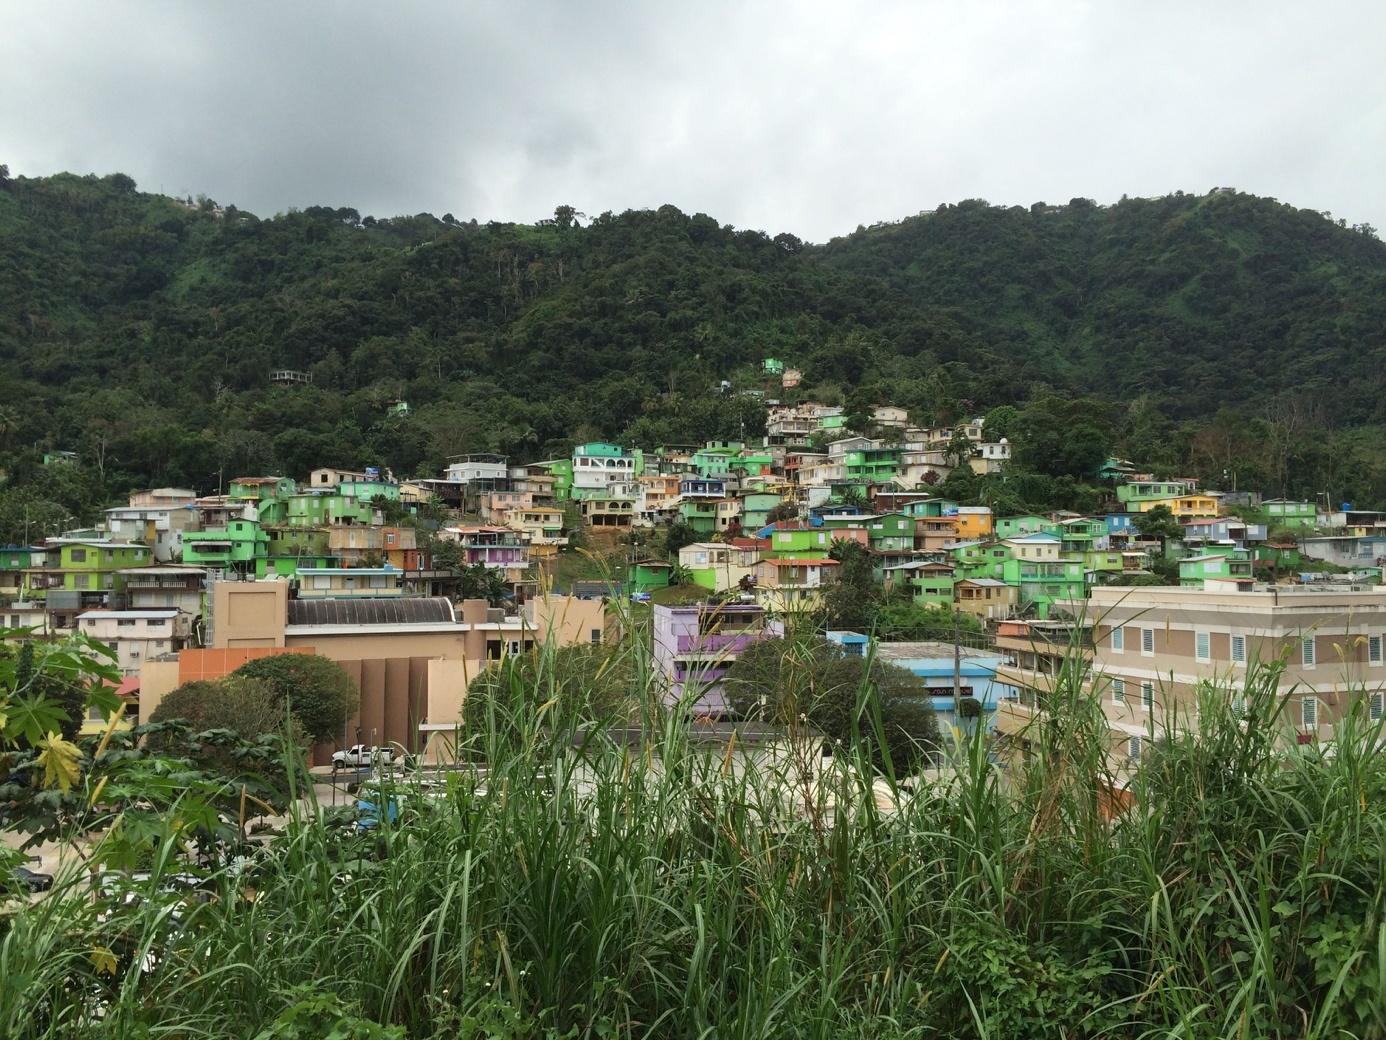 El Cerro, Puerto Rico, 2017, Fotografía: Cortesía Chemi Rosado Seijo